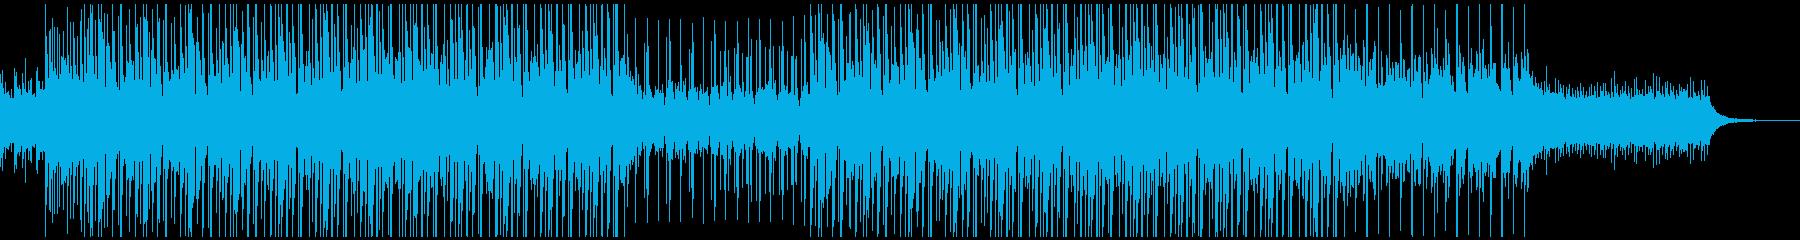 動画,CM等におしゃれなEDMの再生済みの波形